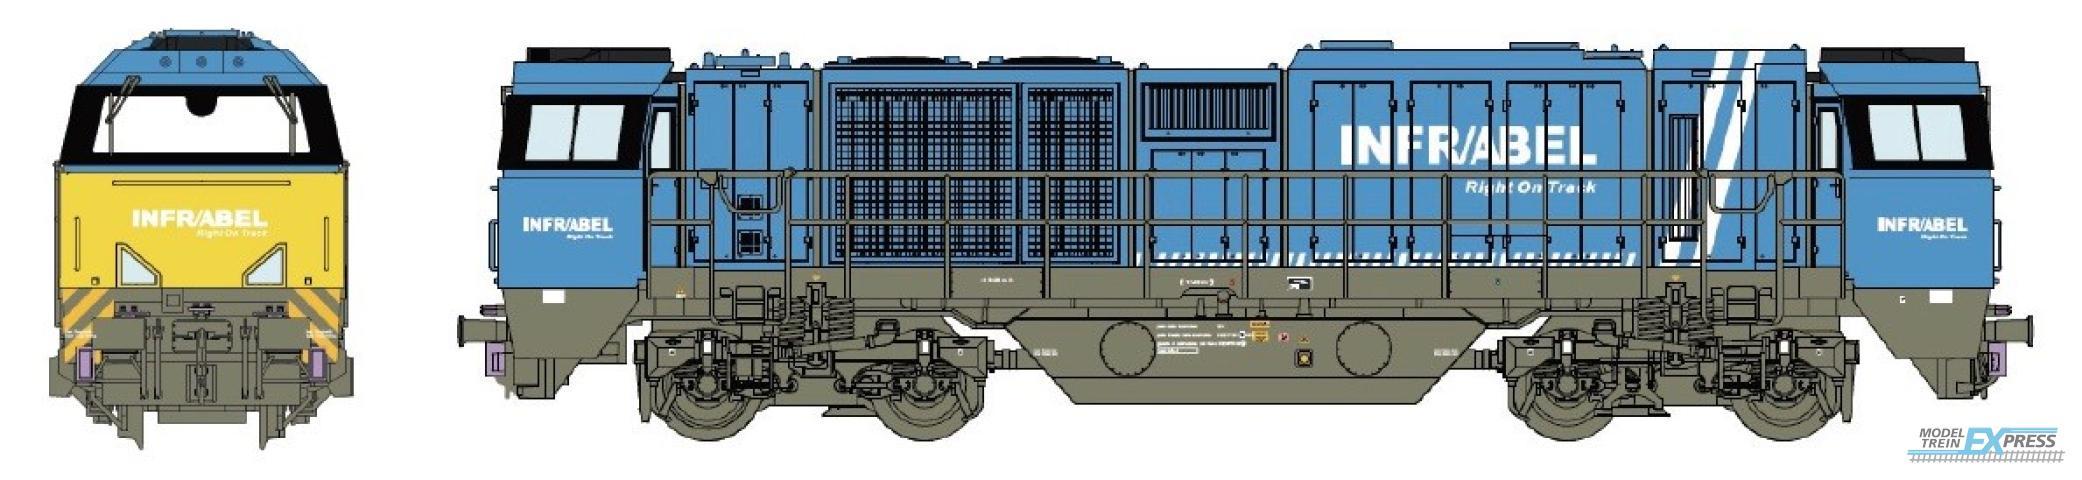 B-Models 9902.02